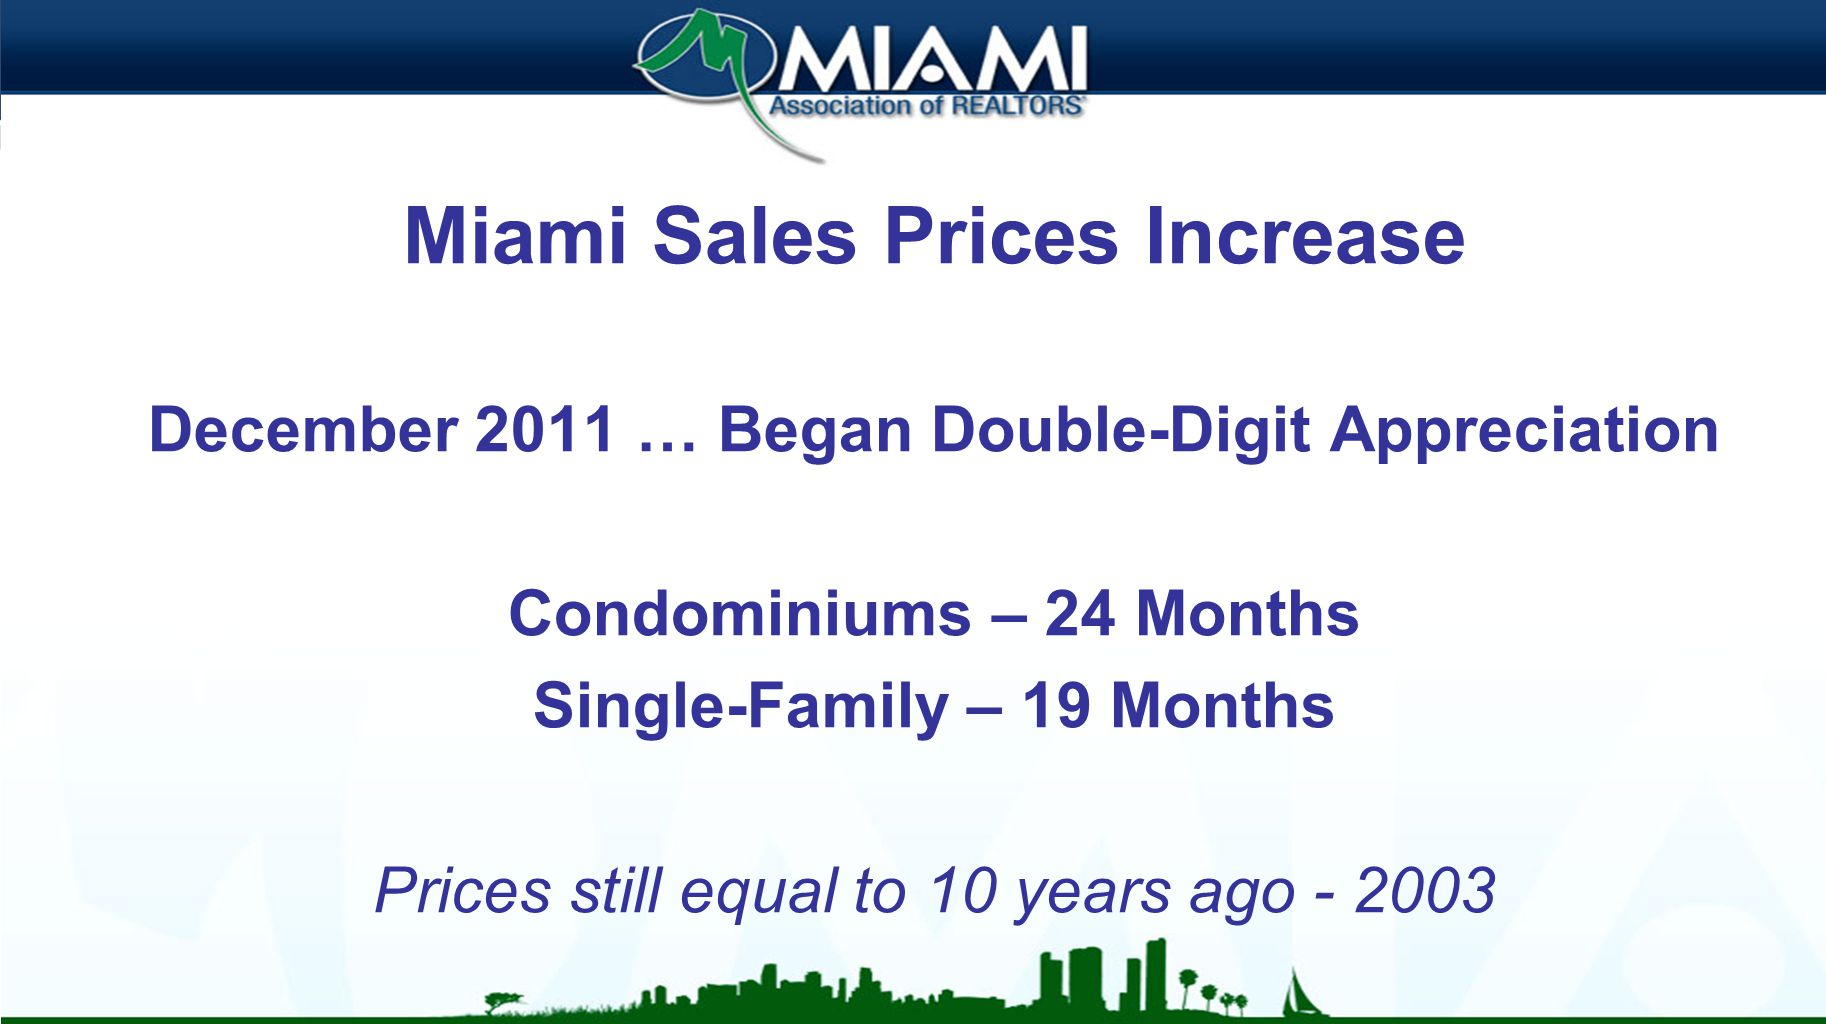 Venezuela Miami 67.4% Miami/Ft. Lauderdale 83.7%